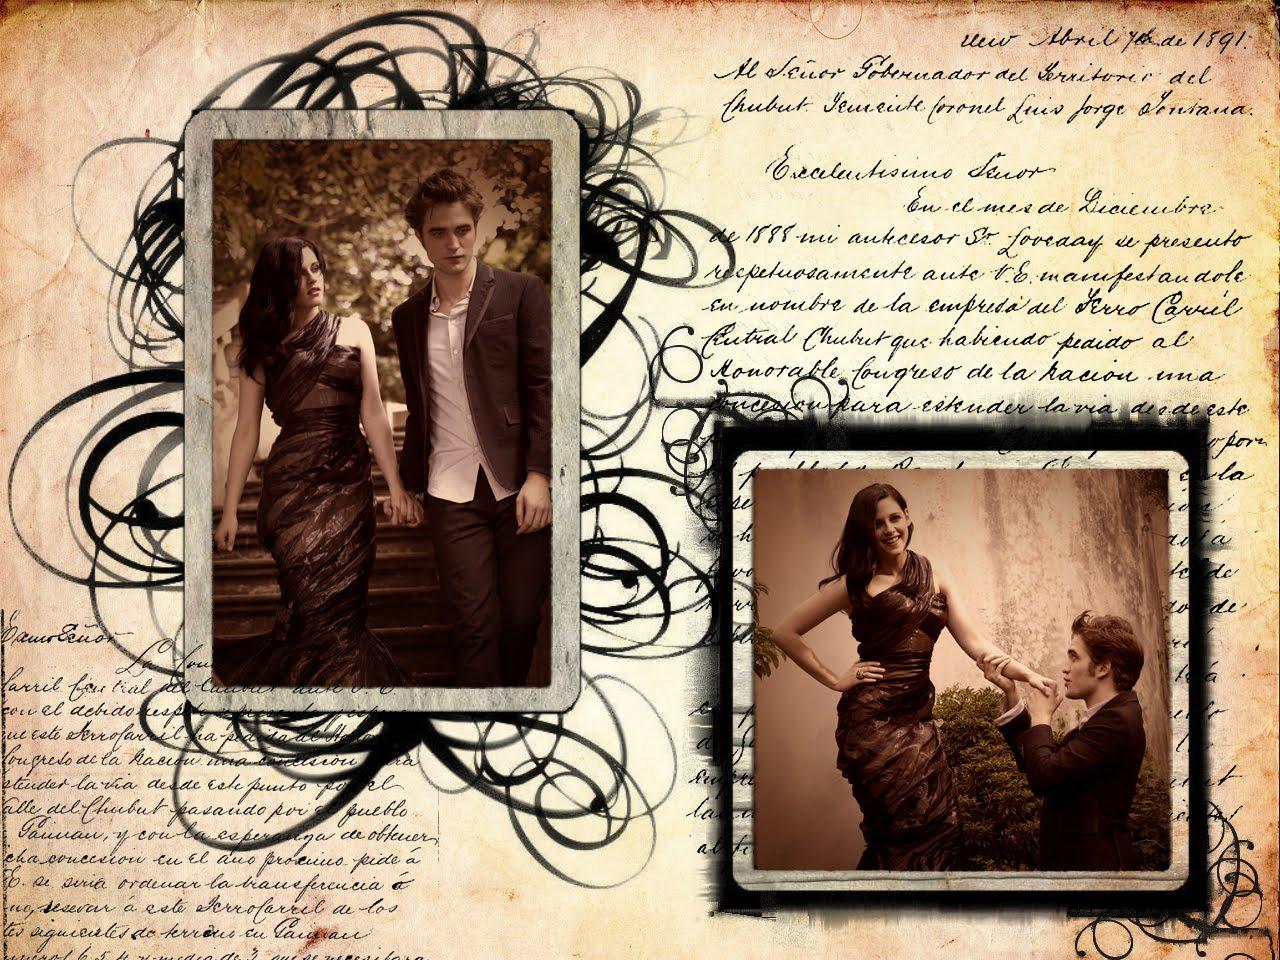 http://2.bp.blogspot.com/_cDAPACNHqtM/TVE1GyVrSsI/AAAAAAAALzo/iaewA_-eVvw/s1600/Robsten_Wallpaper_2_by_Temich.jpg